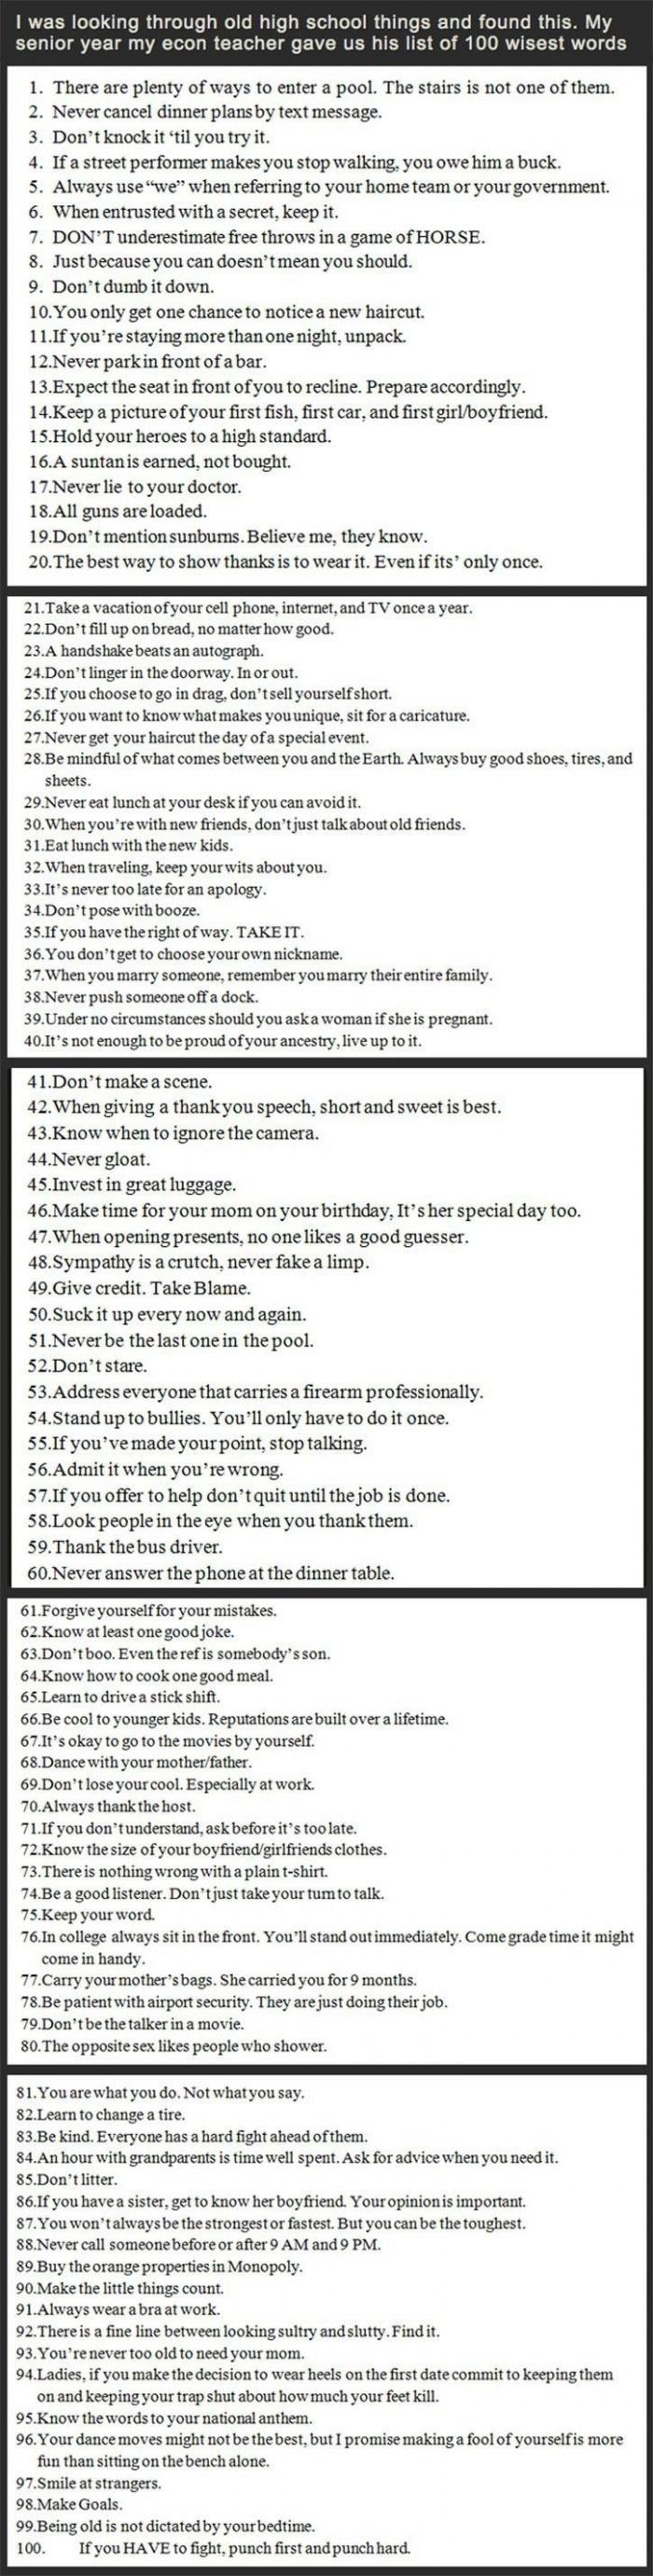 Read it, it will help you!